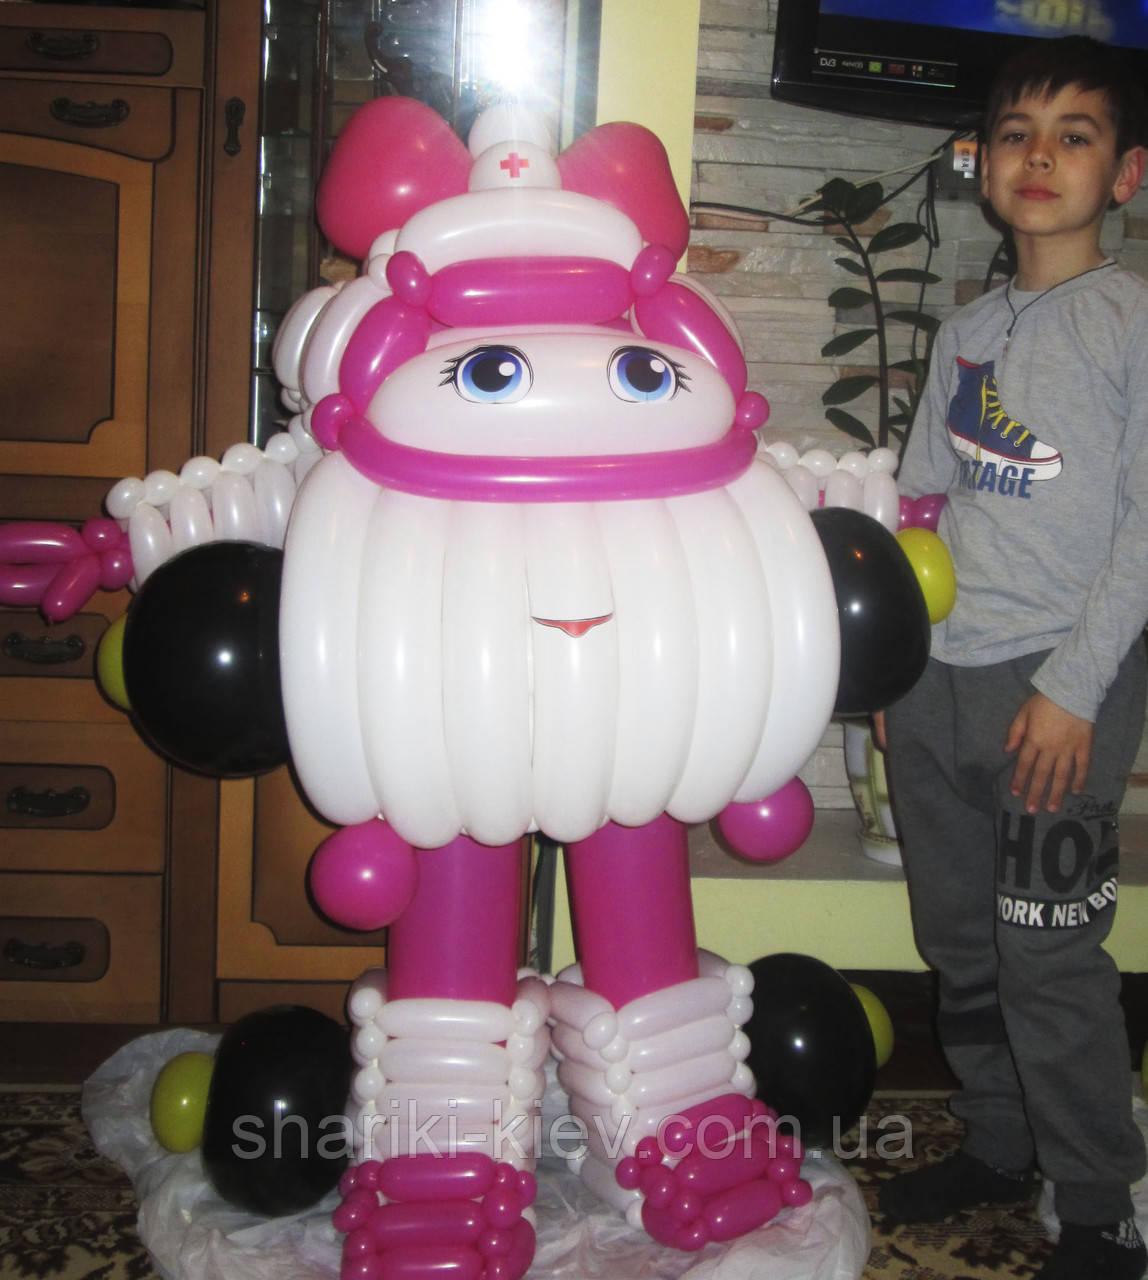 Эмбер из мультфильма Робокар Полли из воздушных шариков на День рождения